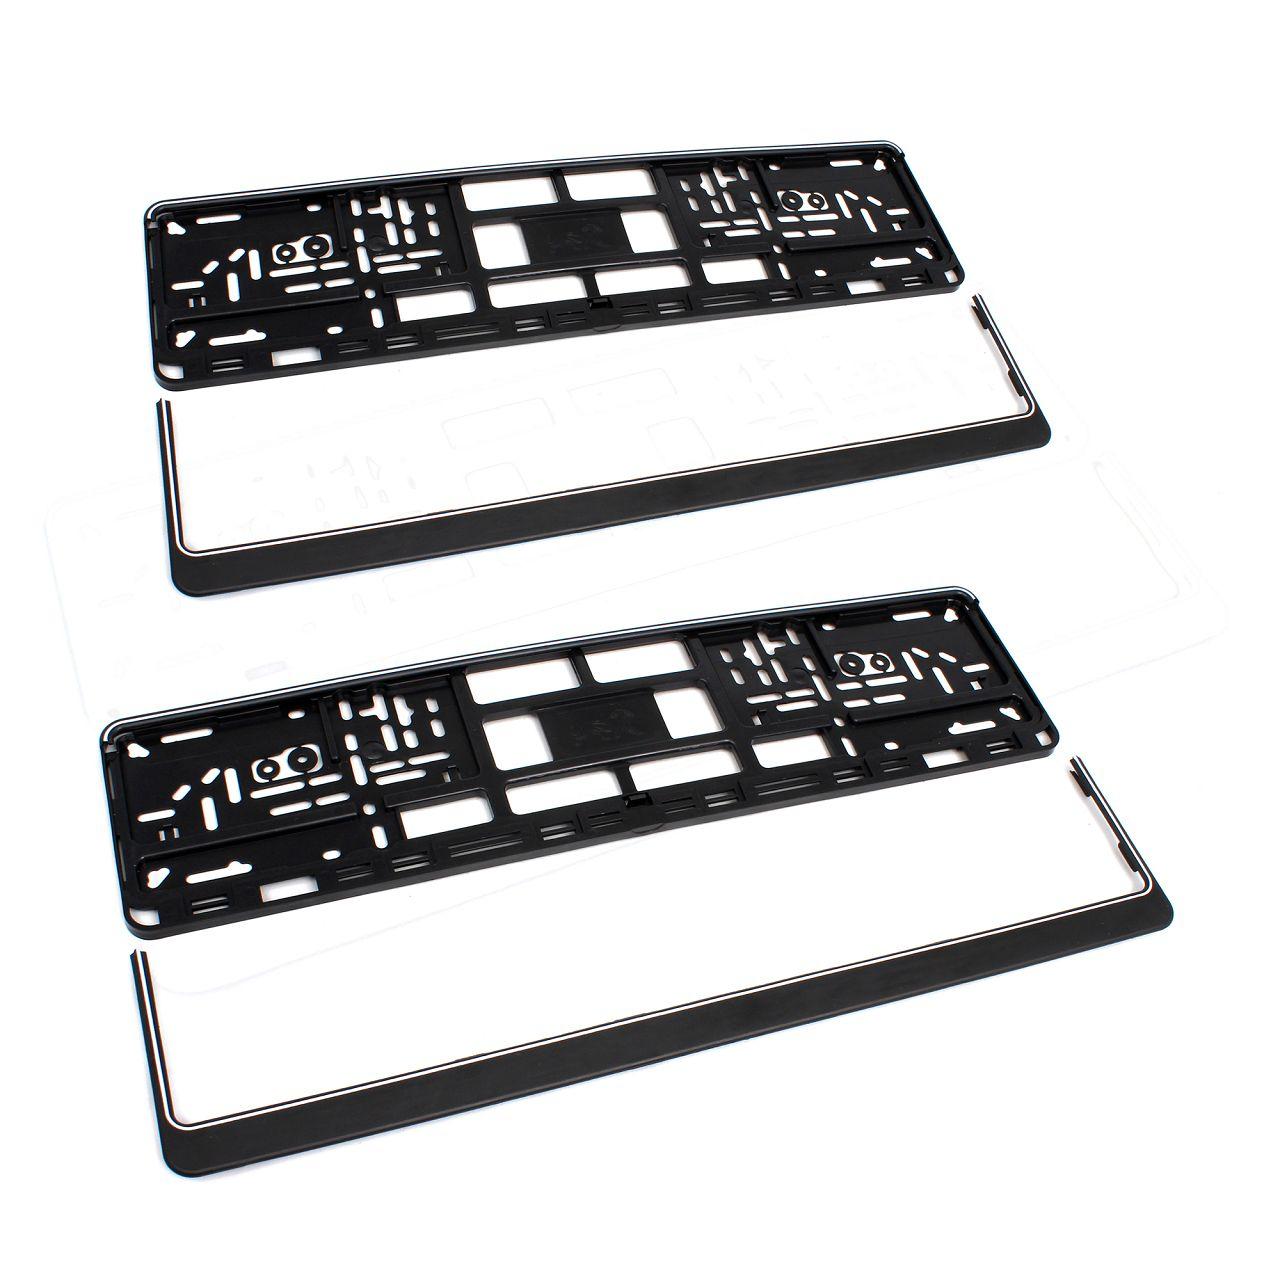 2x Kennzeichenhalter Nummernschildhalter Wechselkennzeichen TERRA SCHWARZ 520mm